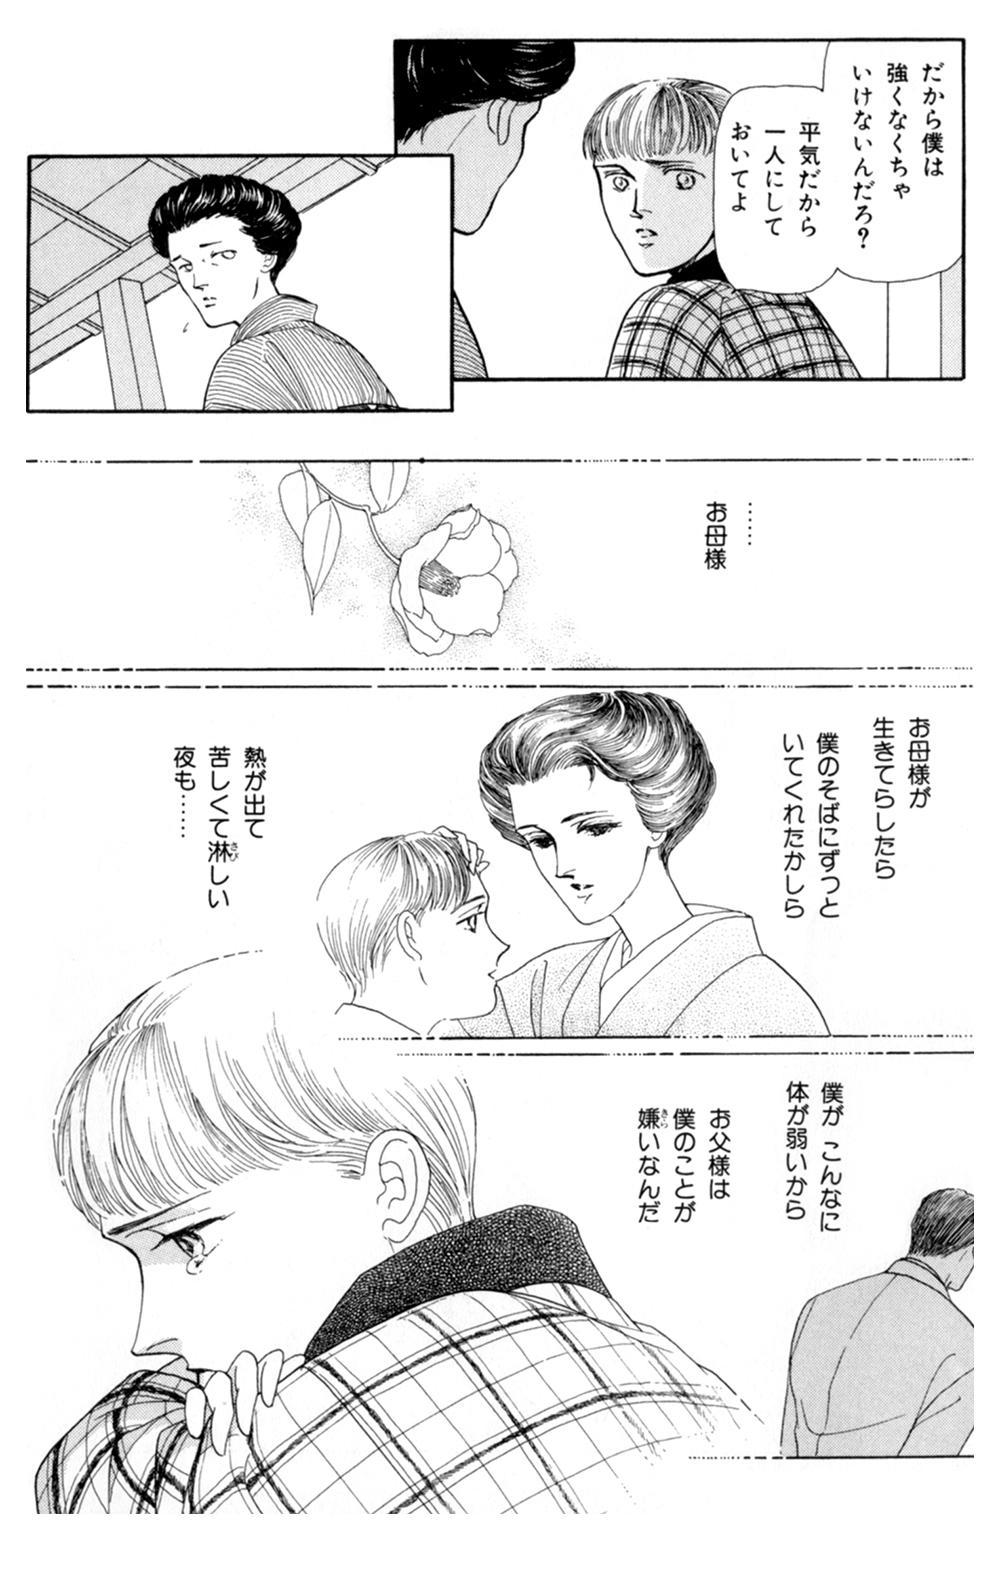 雨柳堂夢咄 第5話「太郎丸」①uryudo-03-151.jpg